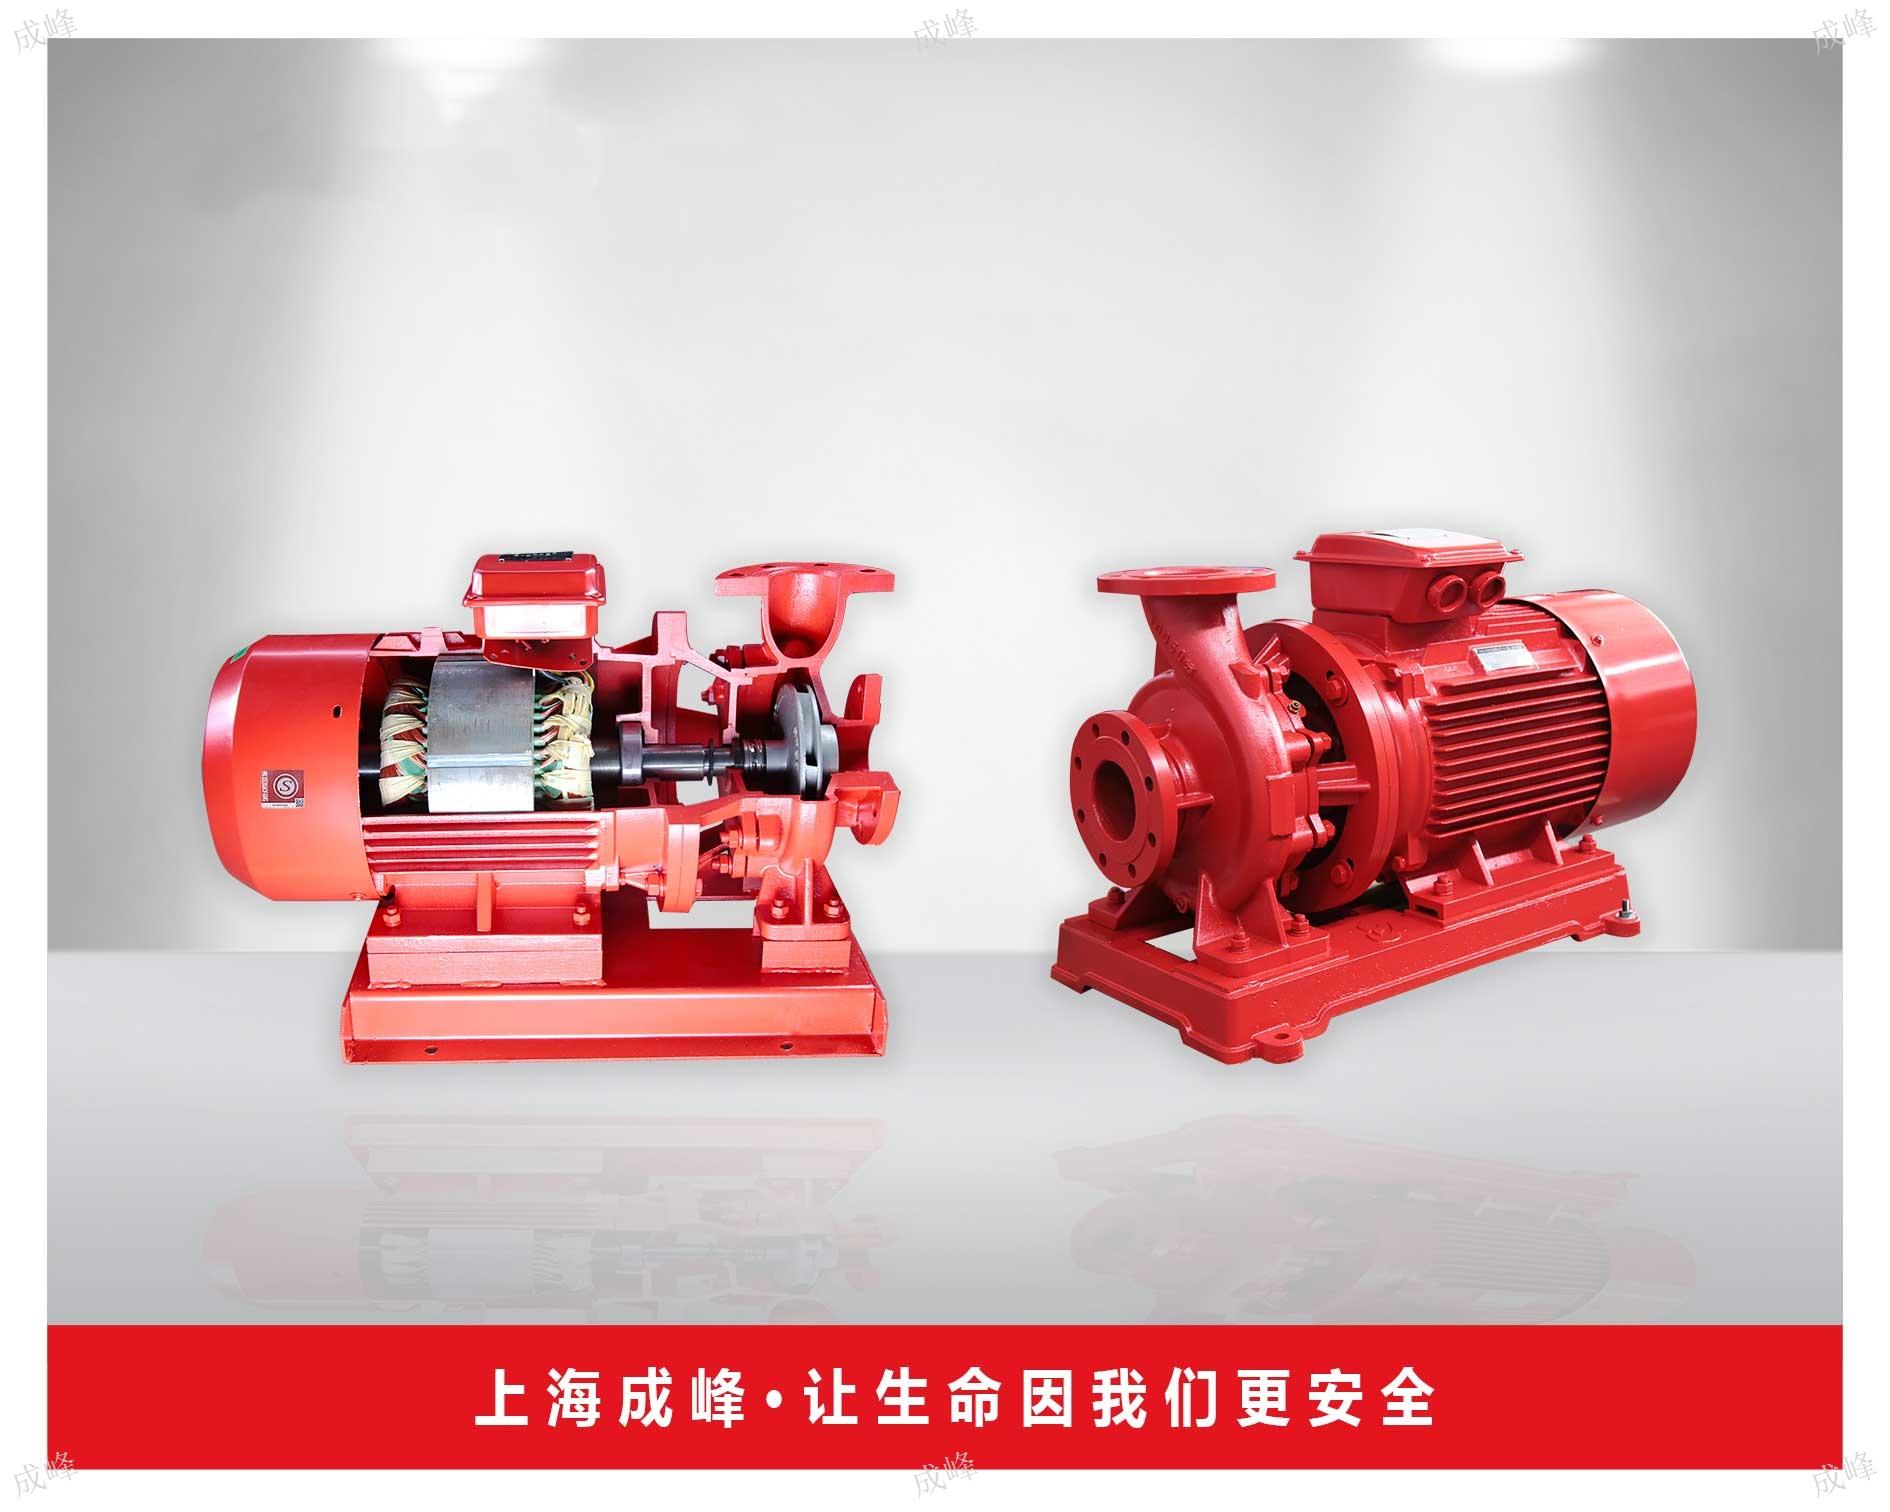 上海成峰流体设备有限公司